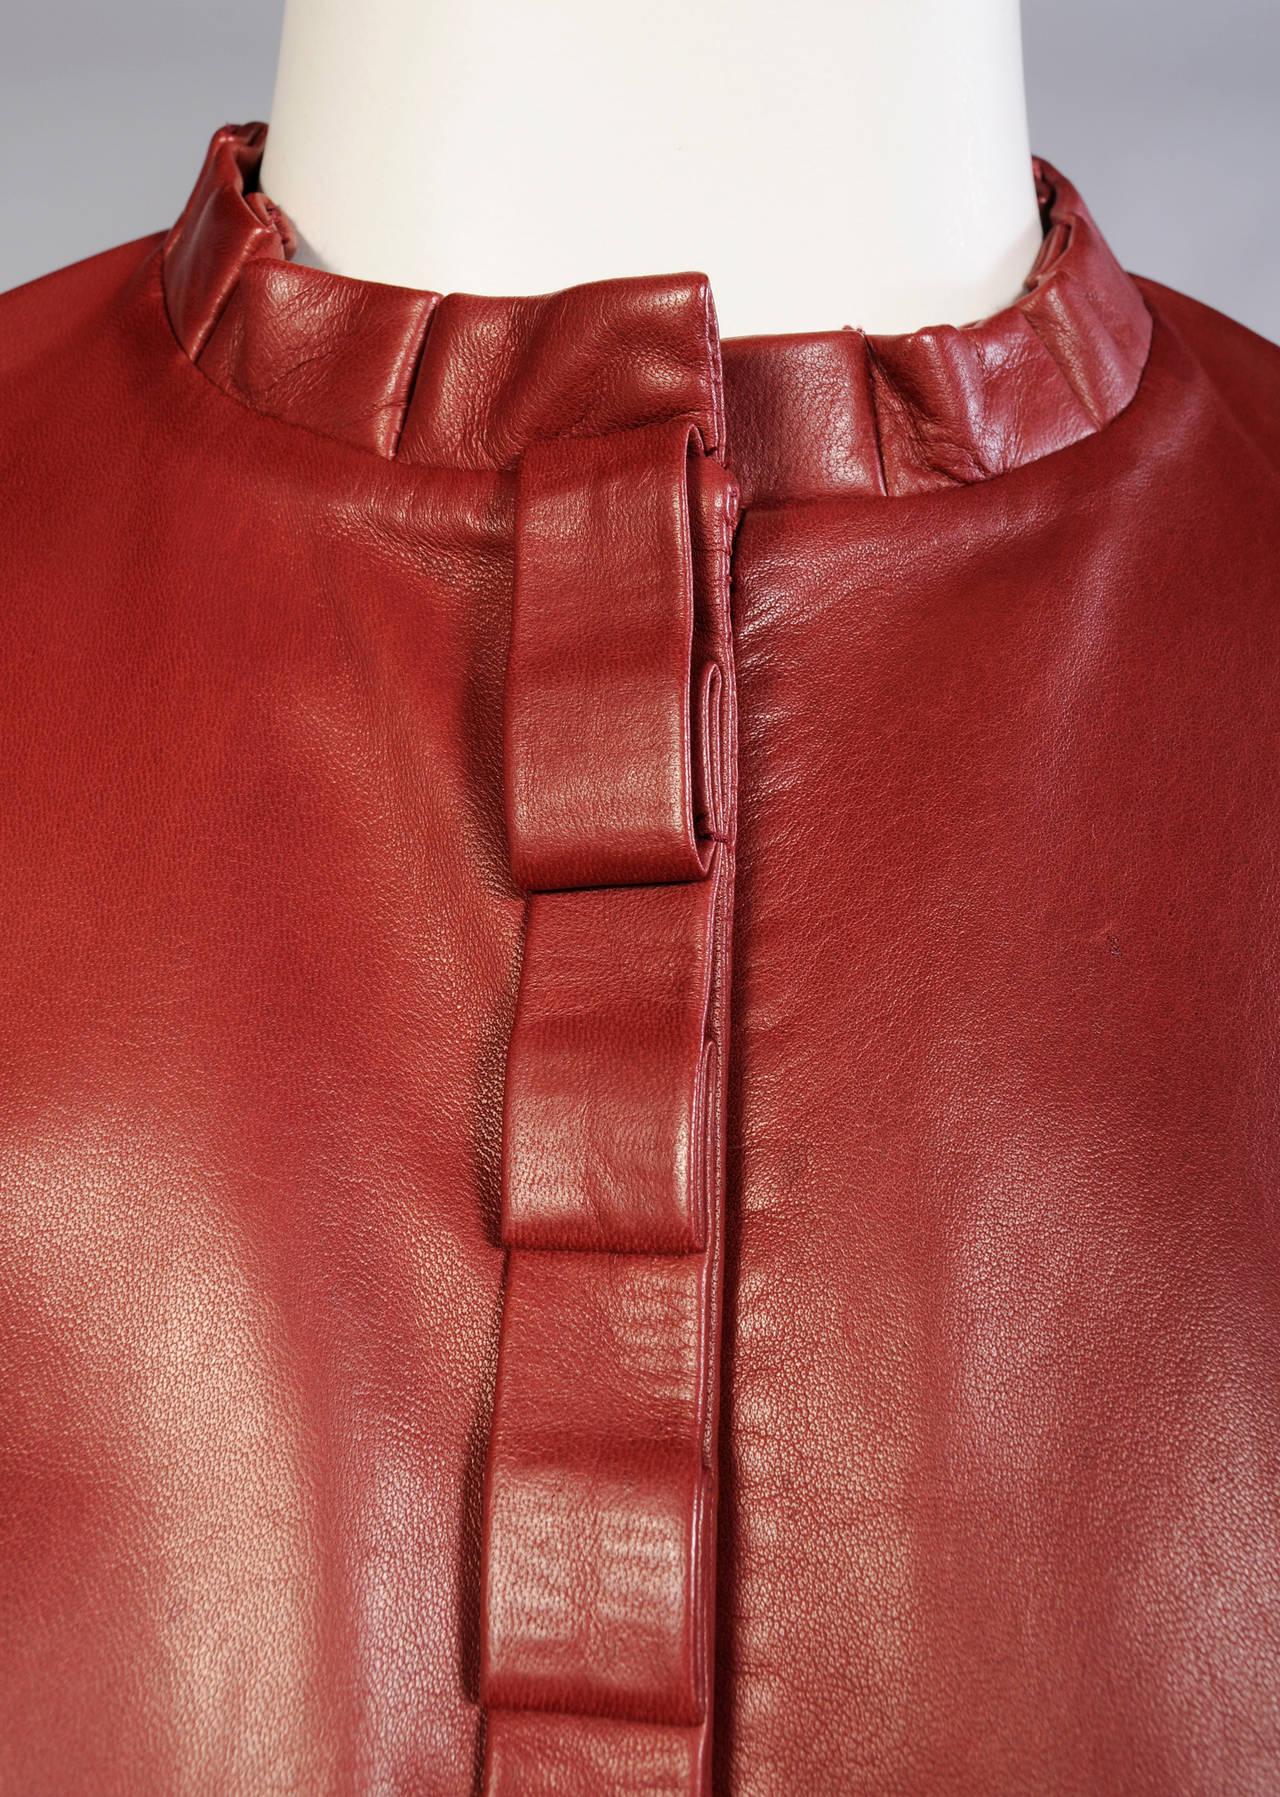 Carolina Herrera Burgundy Leather Jacket  2